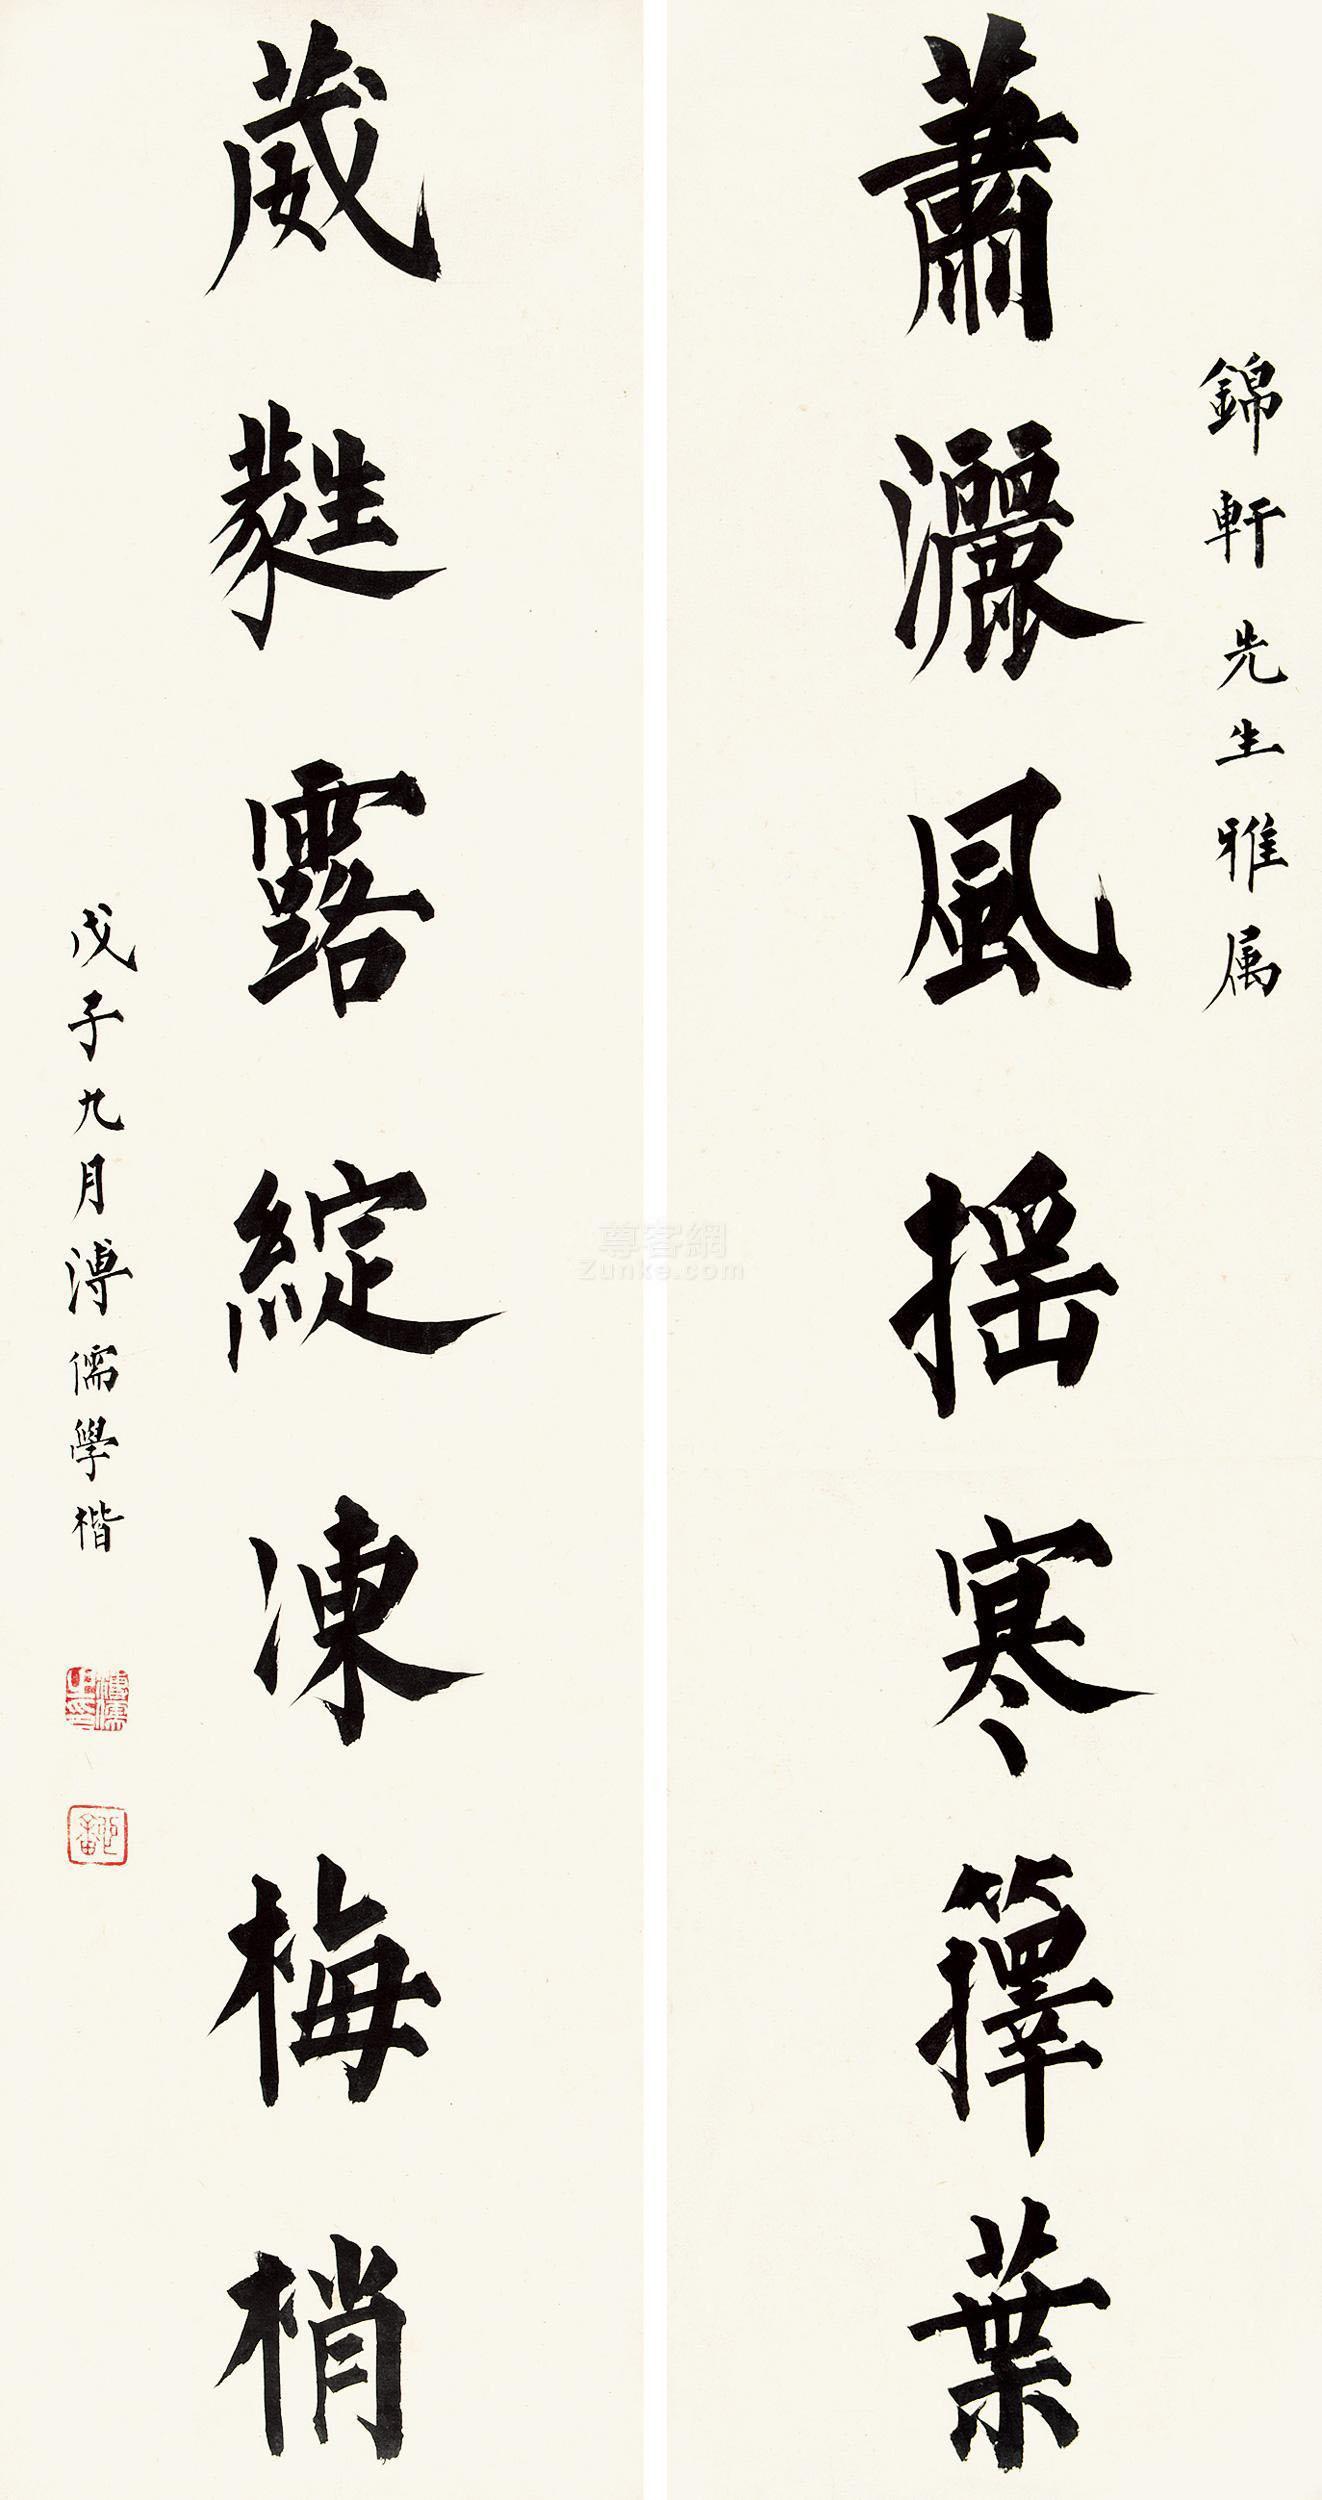 溥儒 楷书七言 对联 纸本作品欣赏